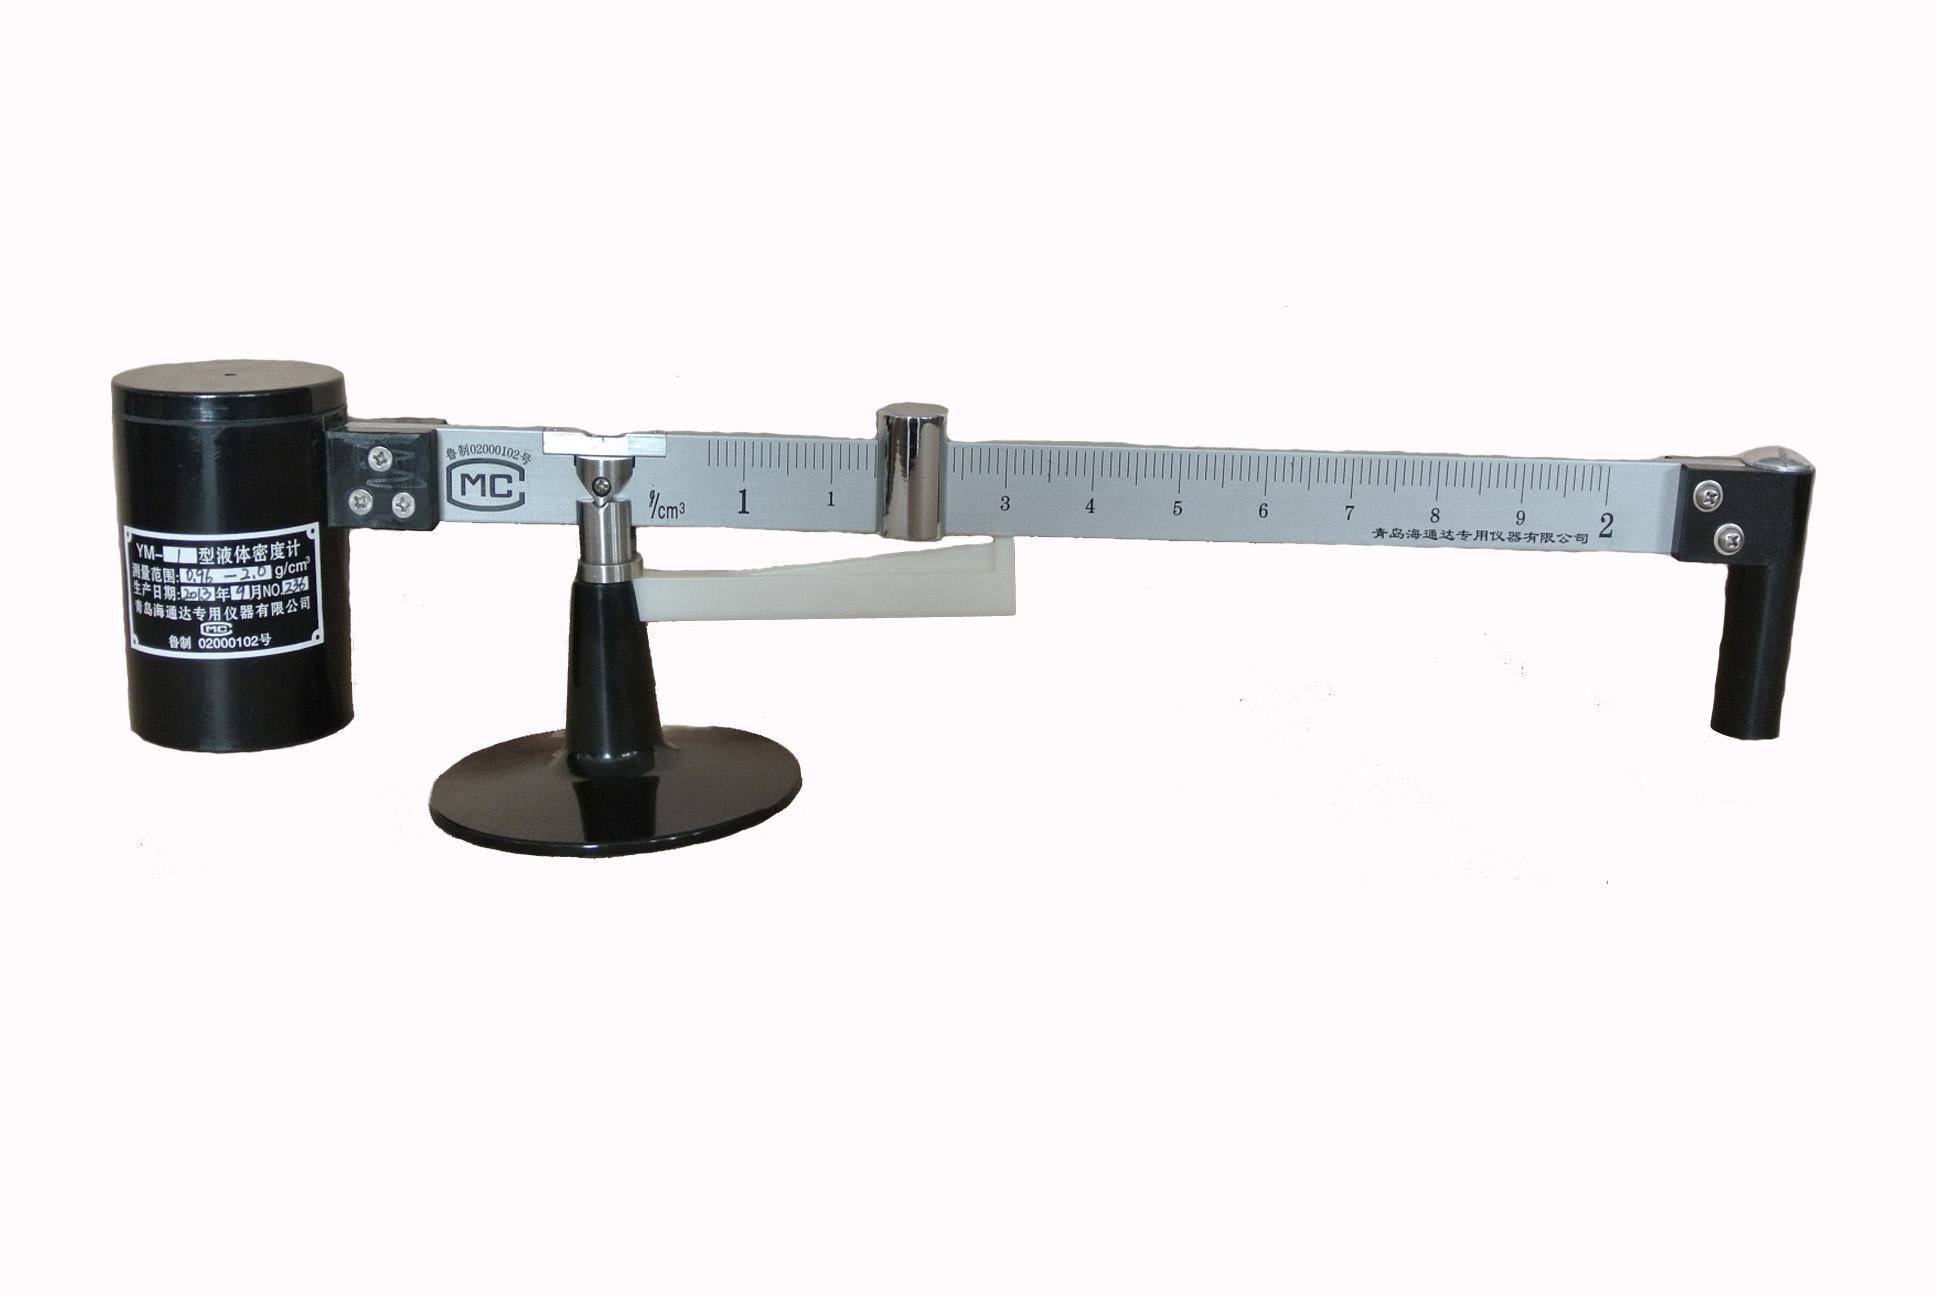 113-01 液体密度计 YM-1 — копия